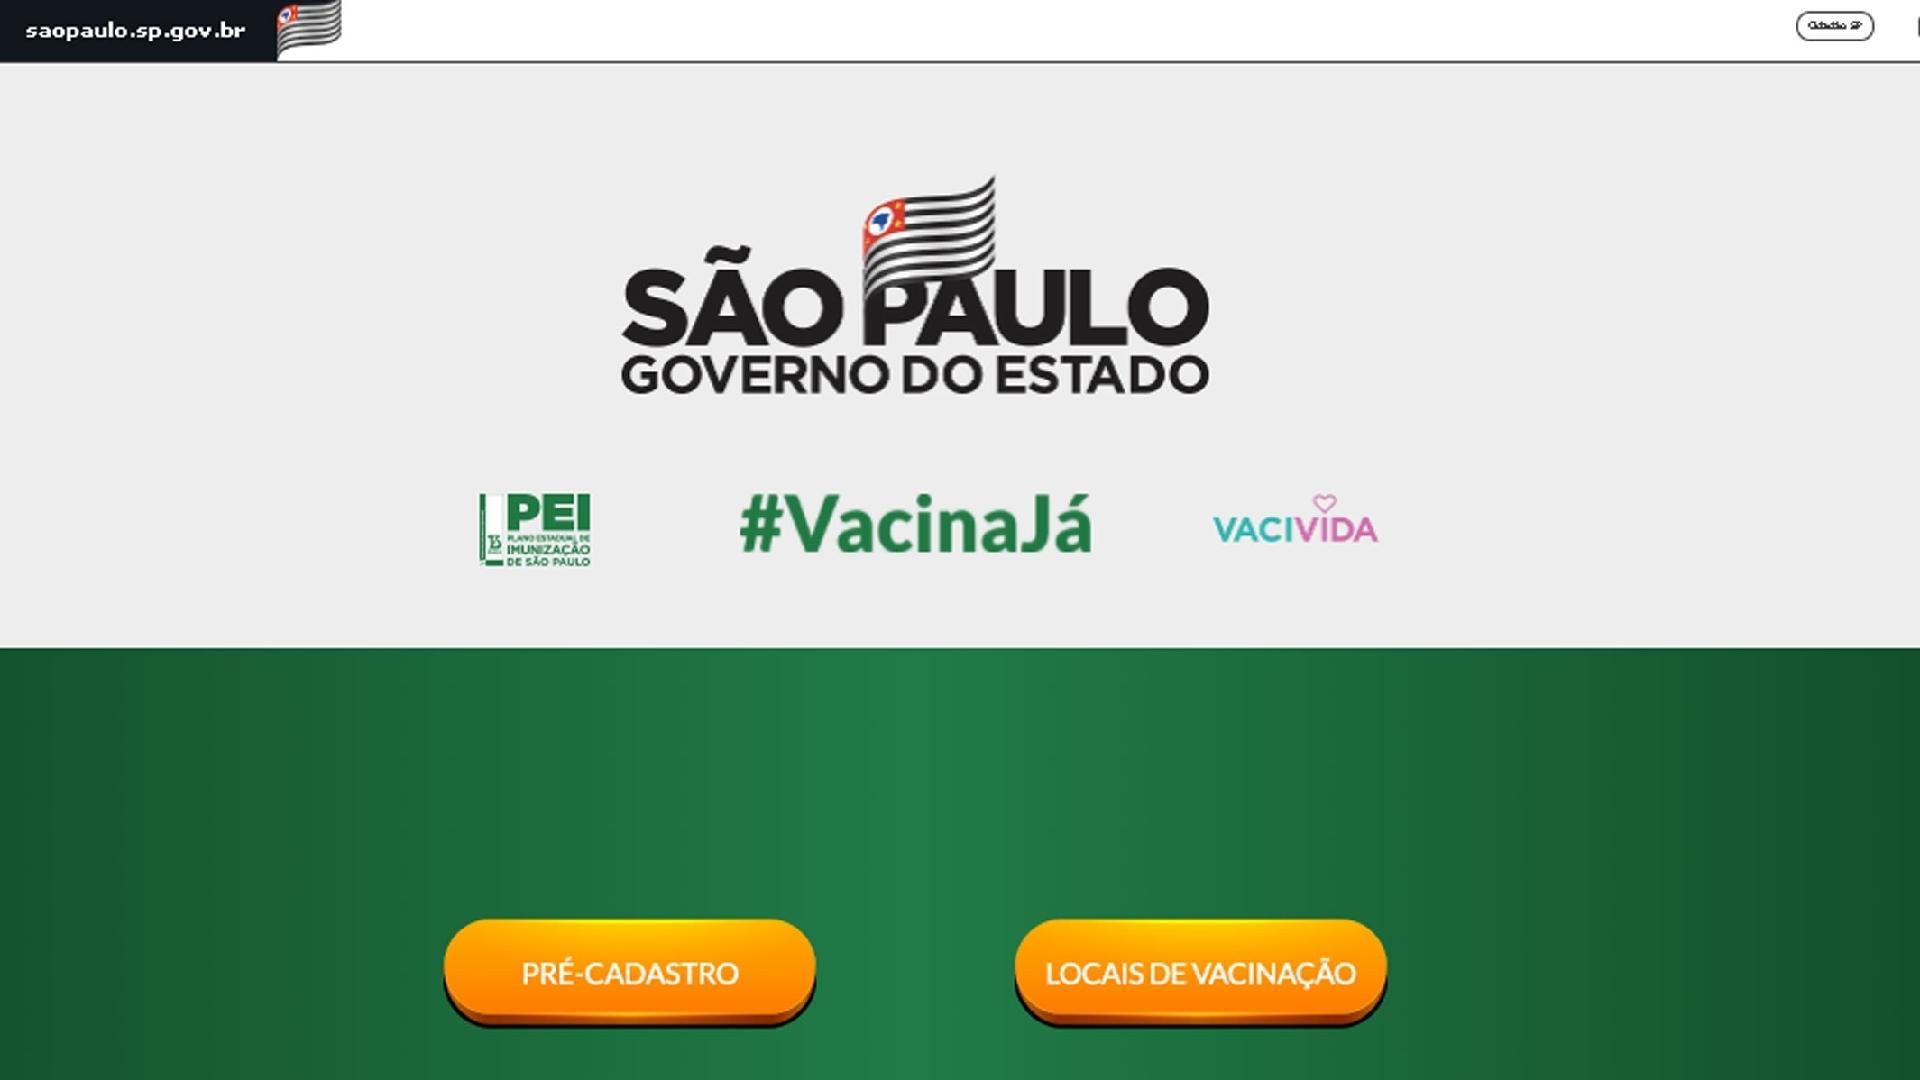 Vacina Já contabiliza mais de 1 milhão de cadastros – AGEM